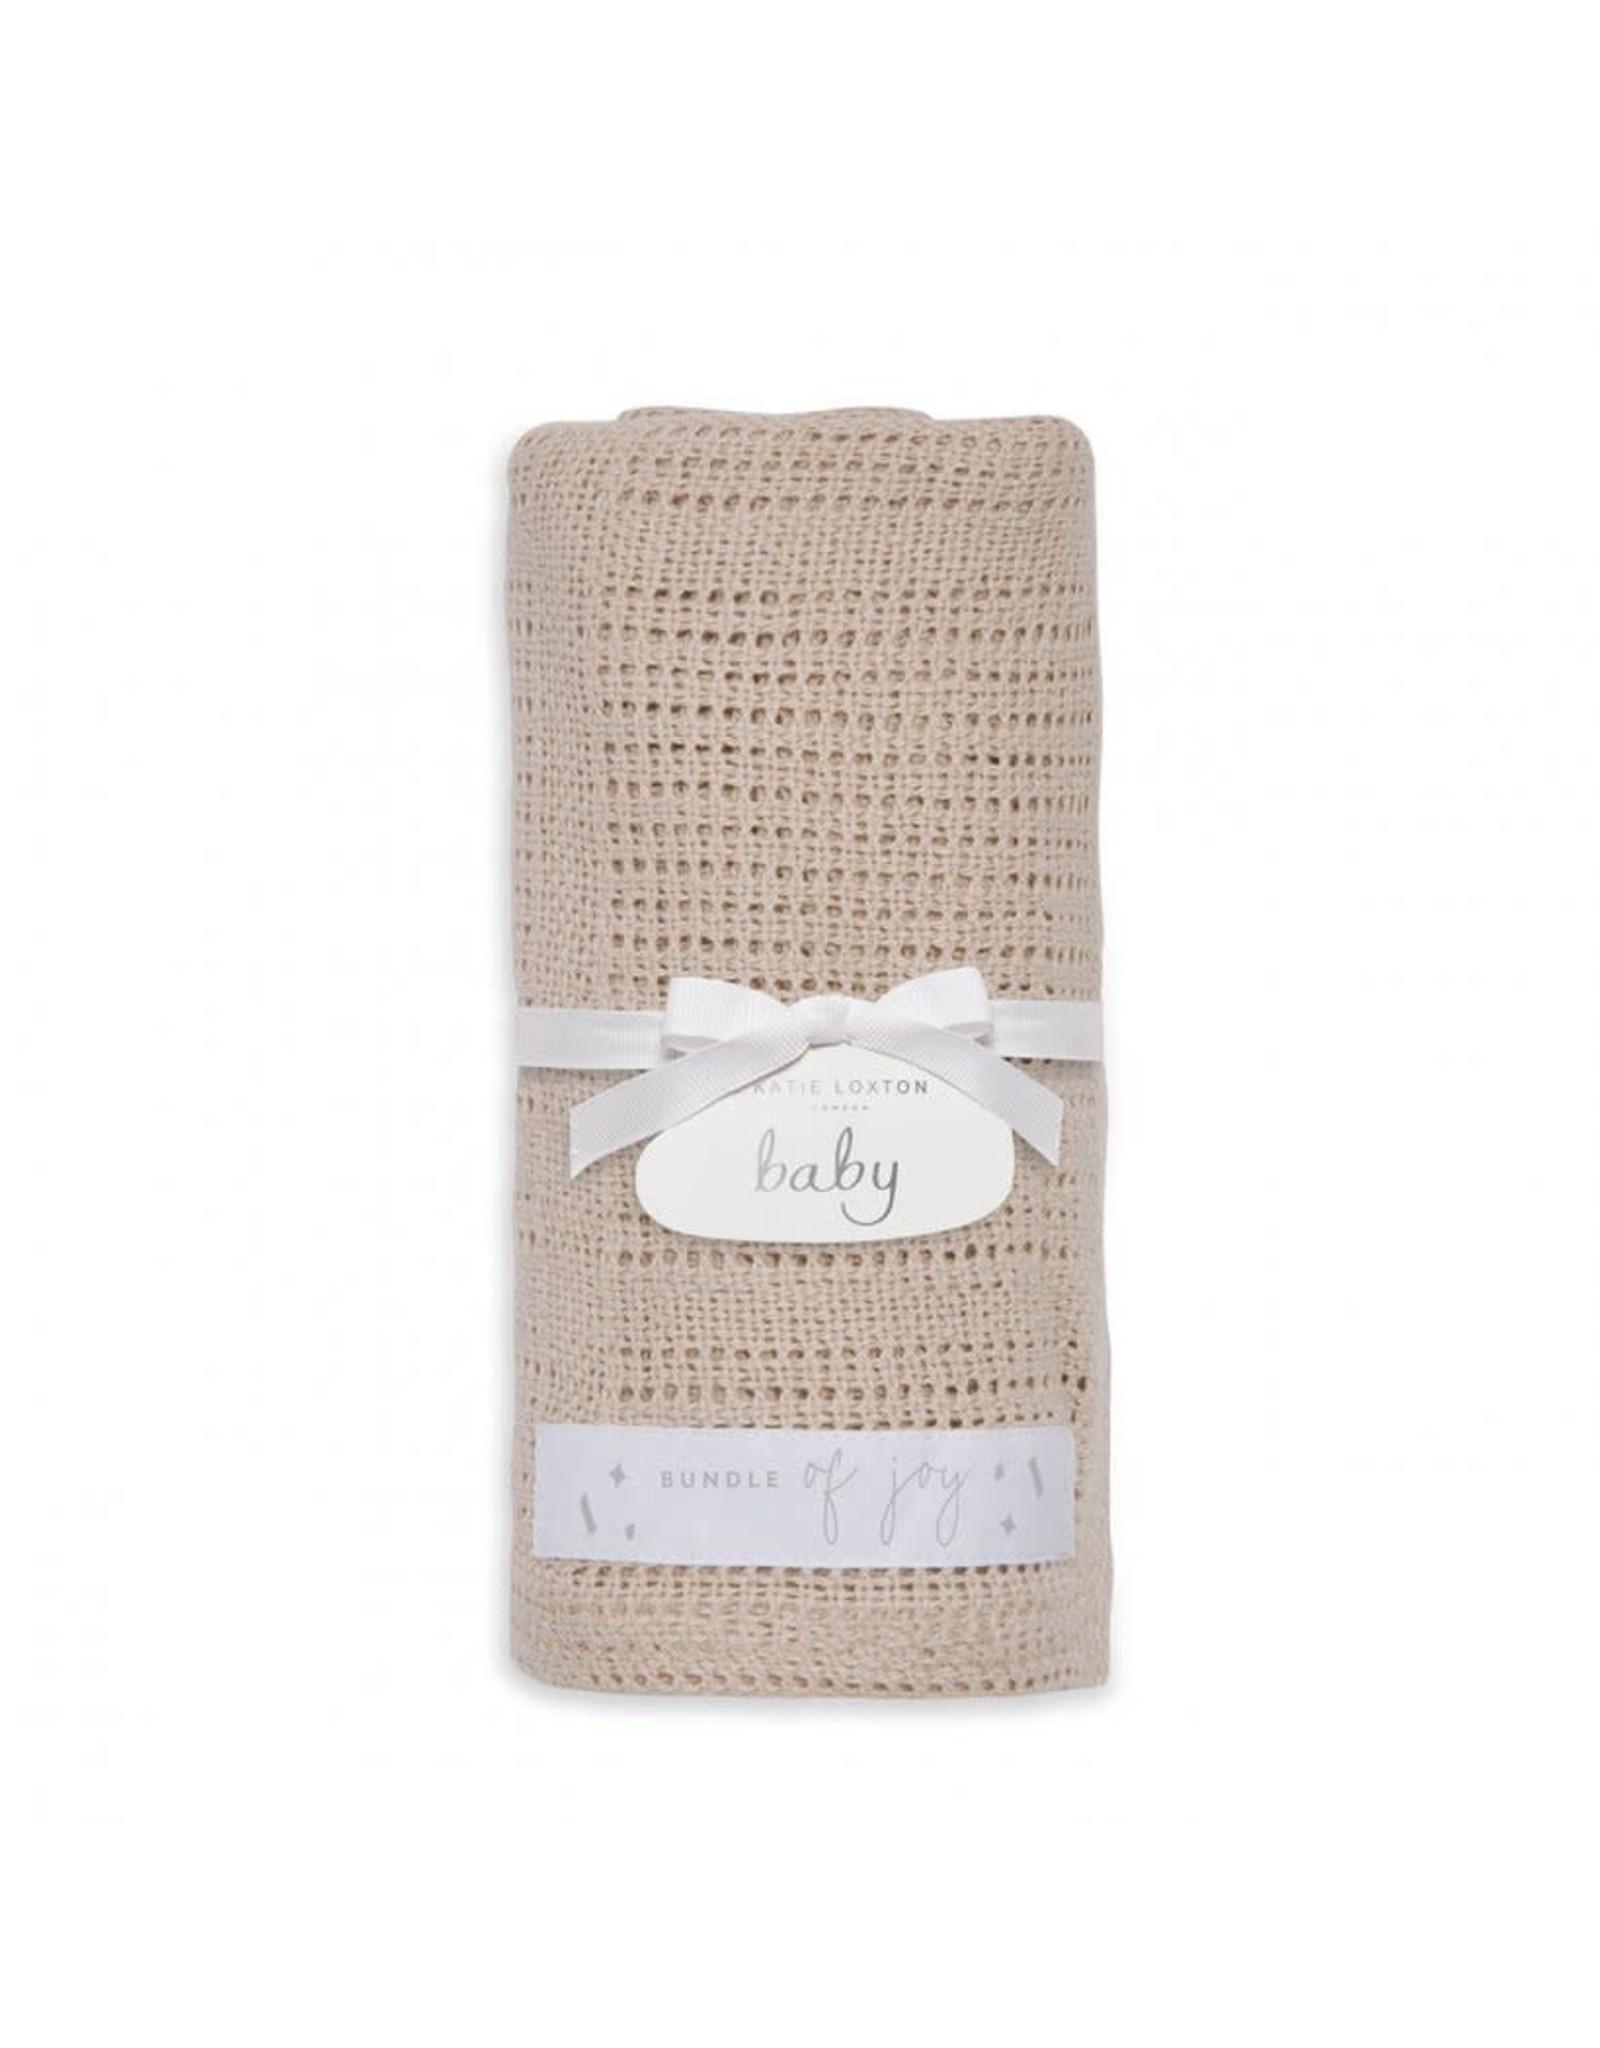 Baby Blanket Bundle Of Joy